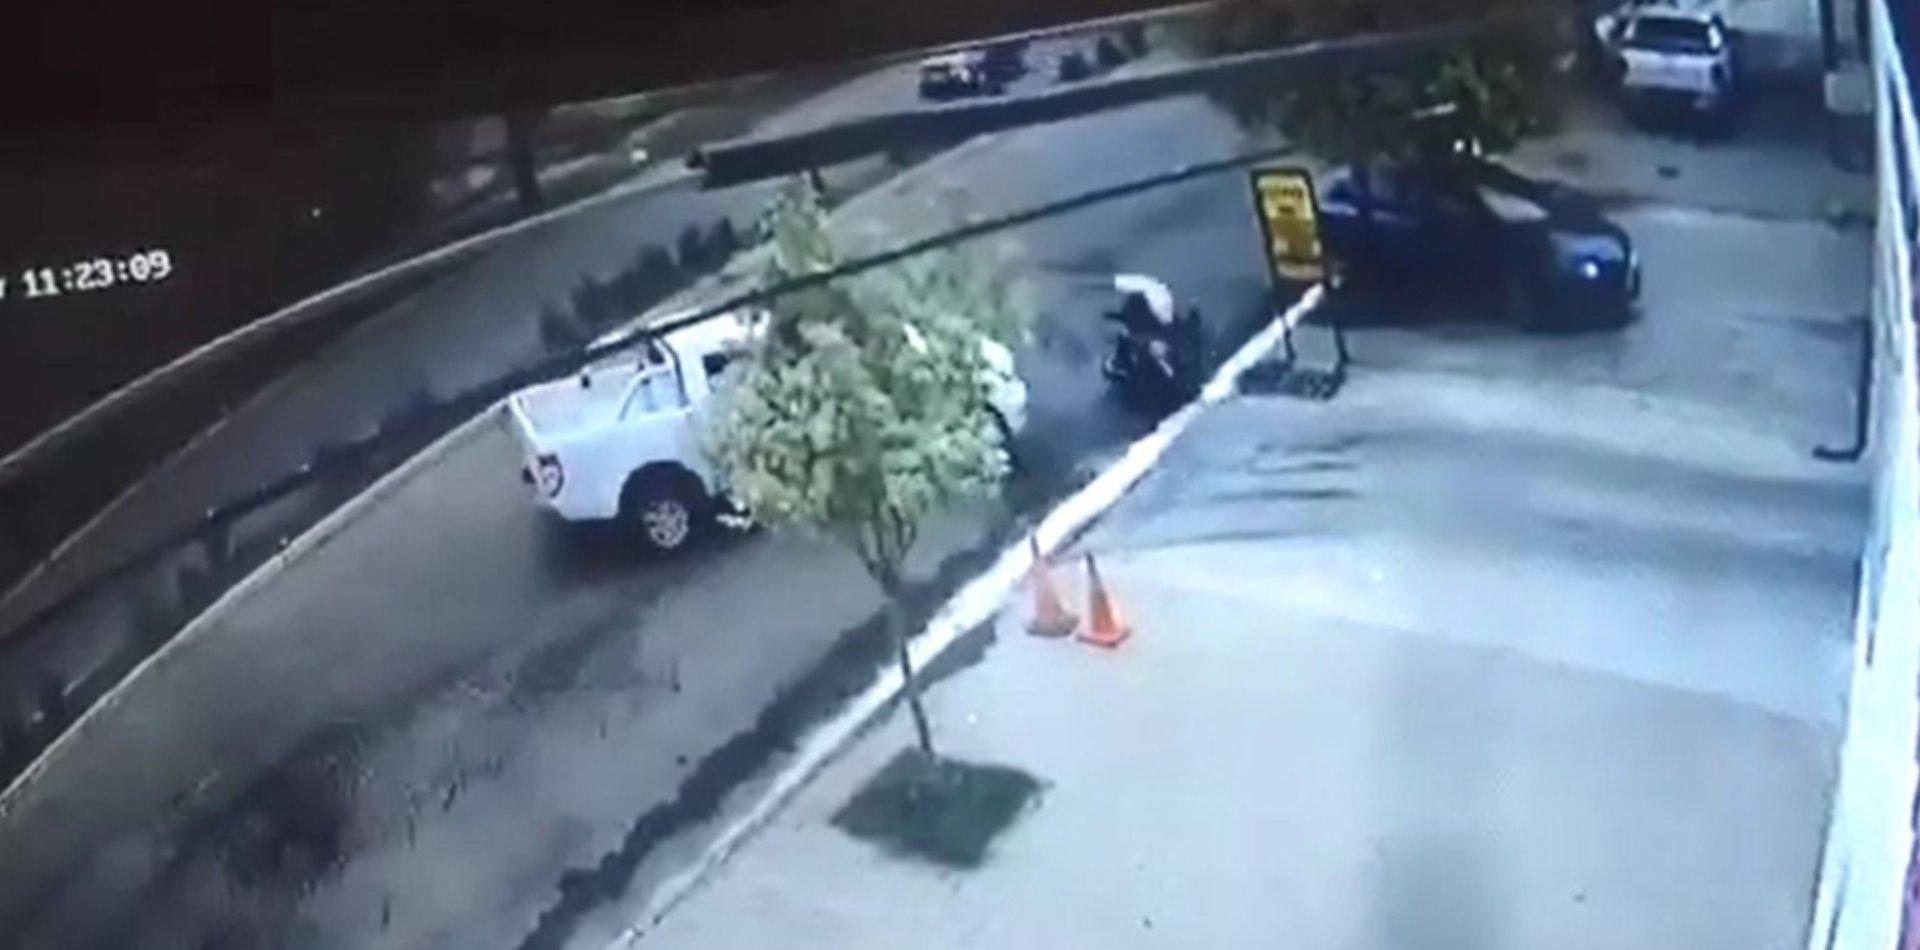 VIDEO: Así fue el accidente que terminó con la muerte de un motociclista en La Plata